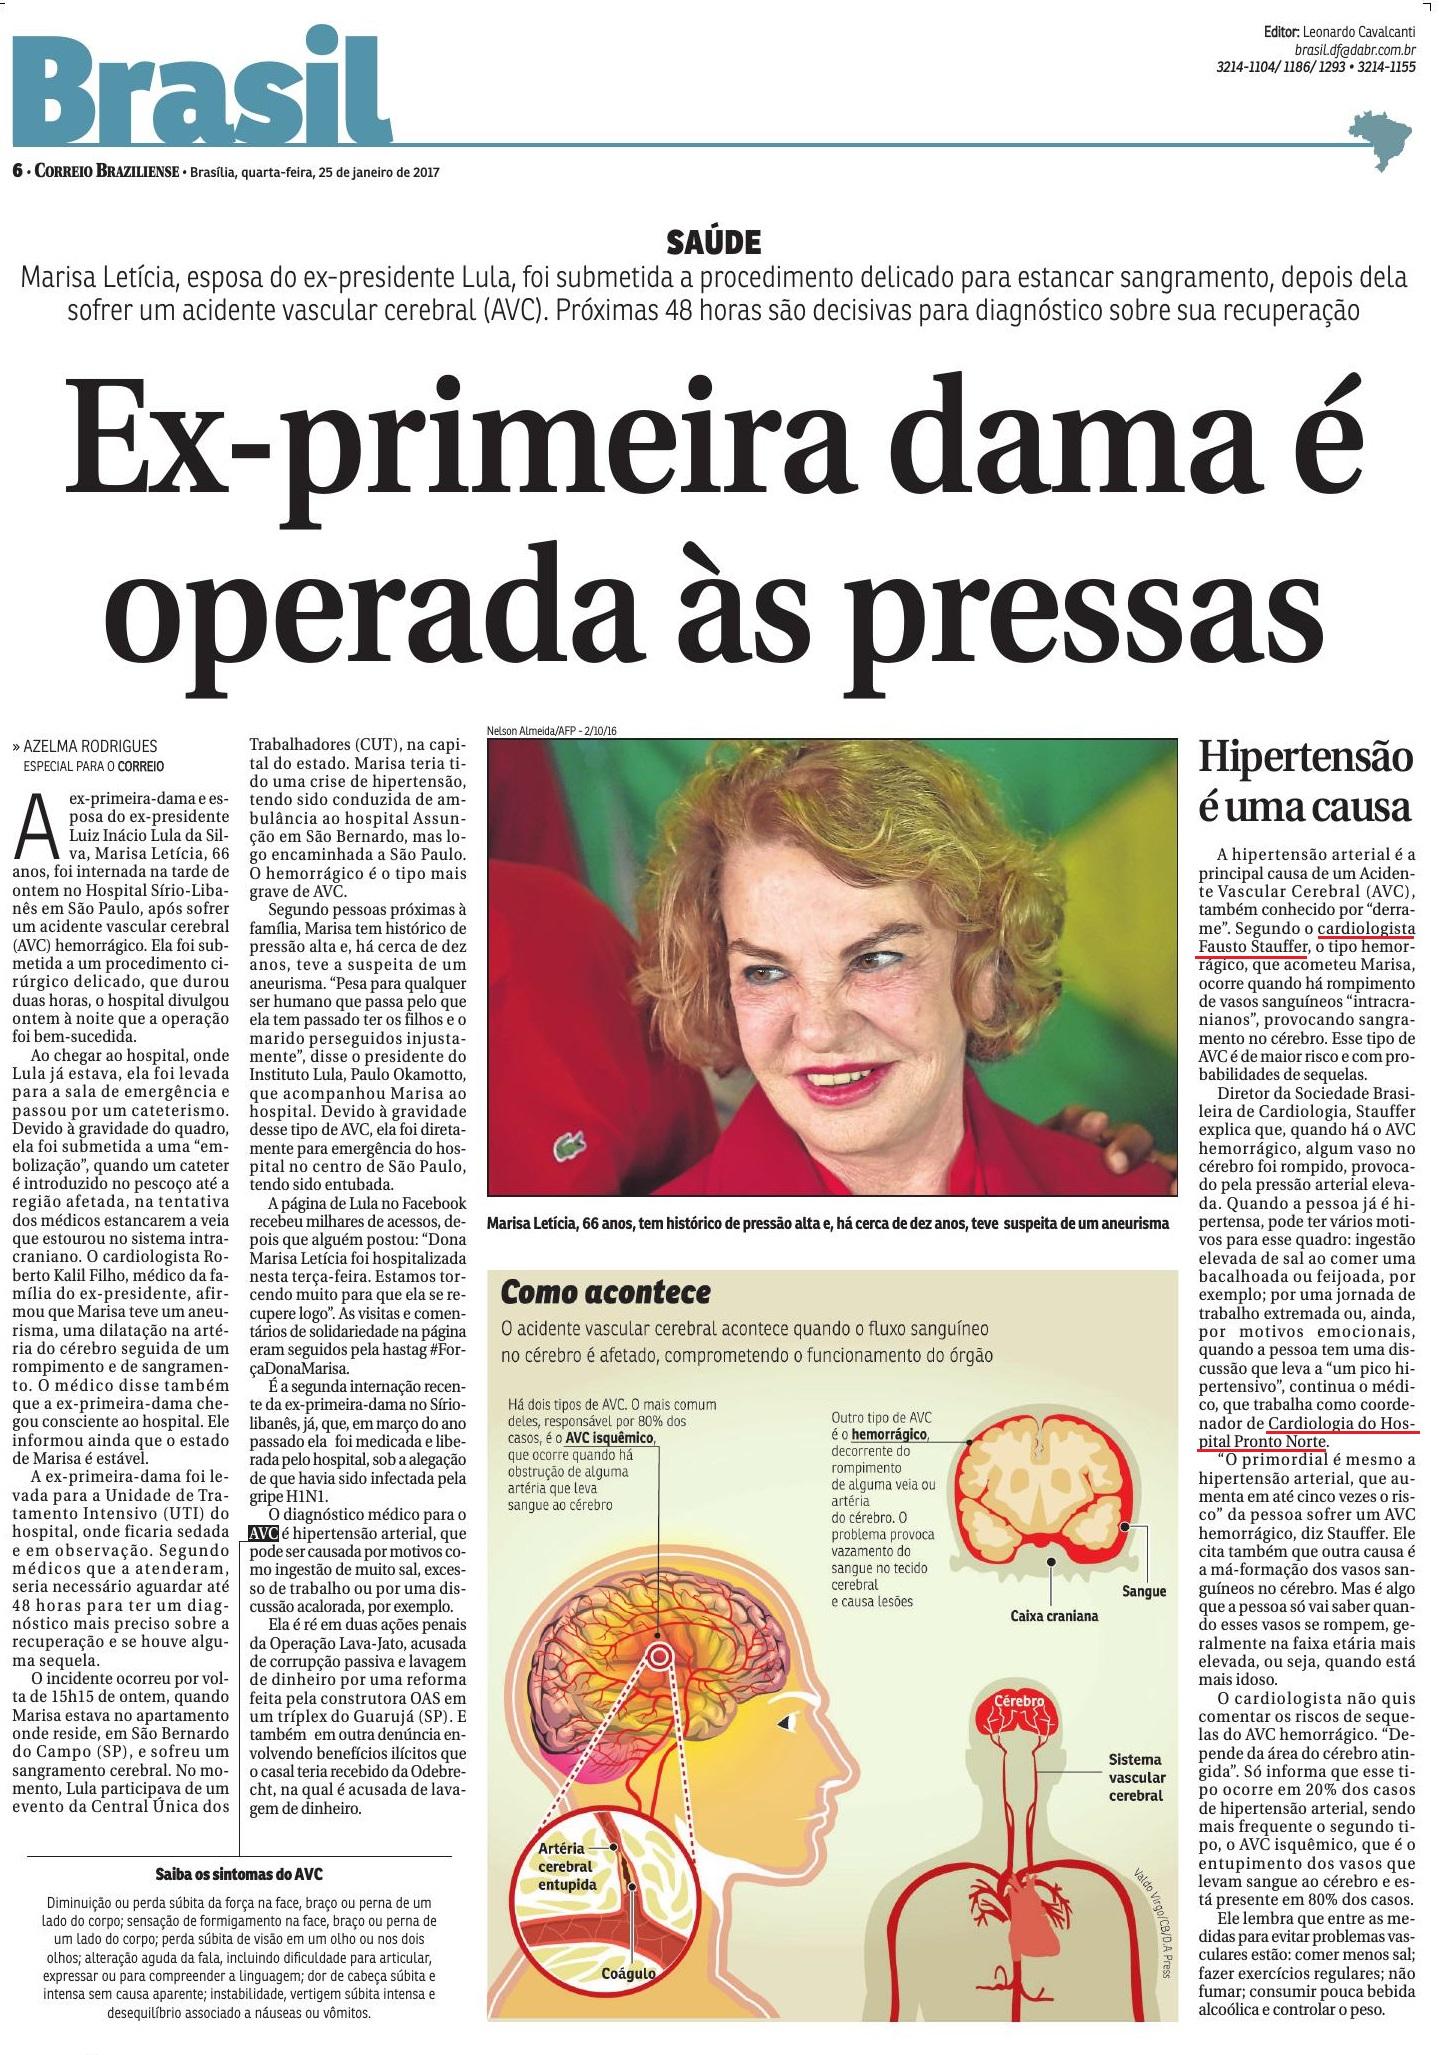 Correio Braziliense - Dr. Fausto Stauffer HPN - 25-01-2017